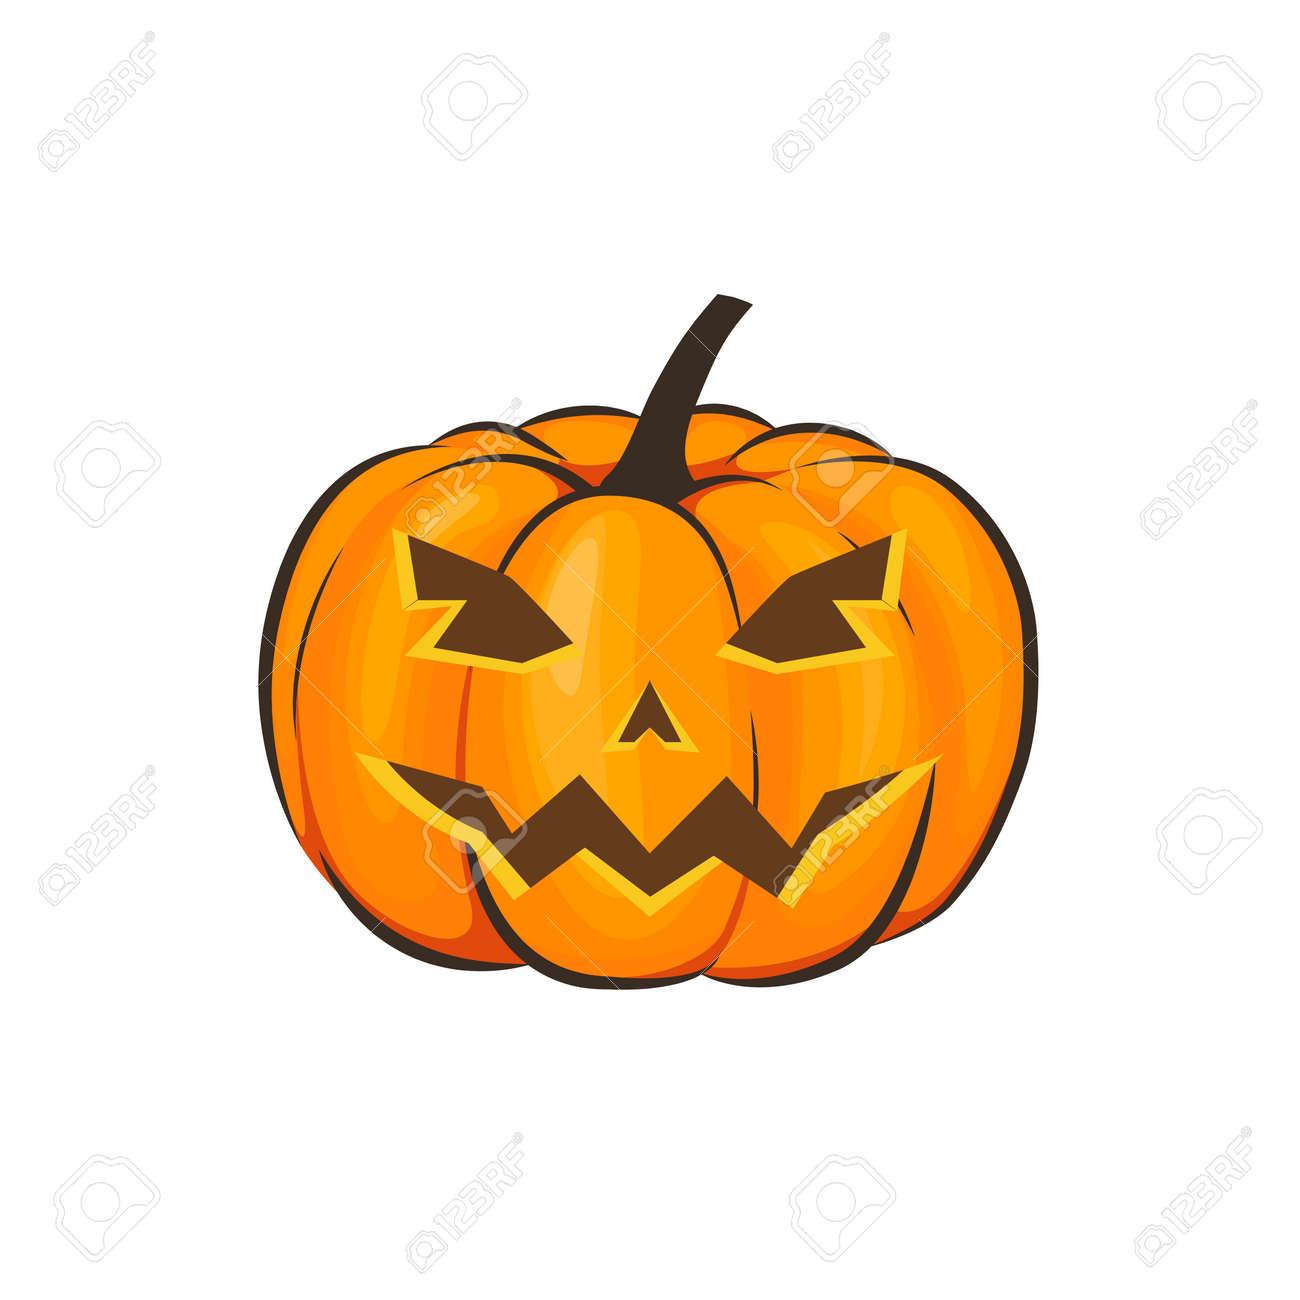 Zucche Di Halloween Cartoni Animati.Halloween E Isolato Con Una Terribile Zucca In Stile Cartone Animato Su Uno Sfondo Bianco